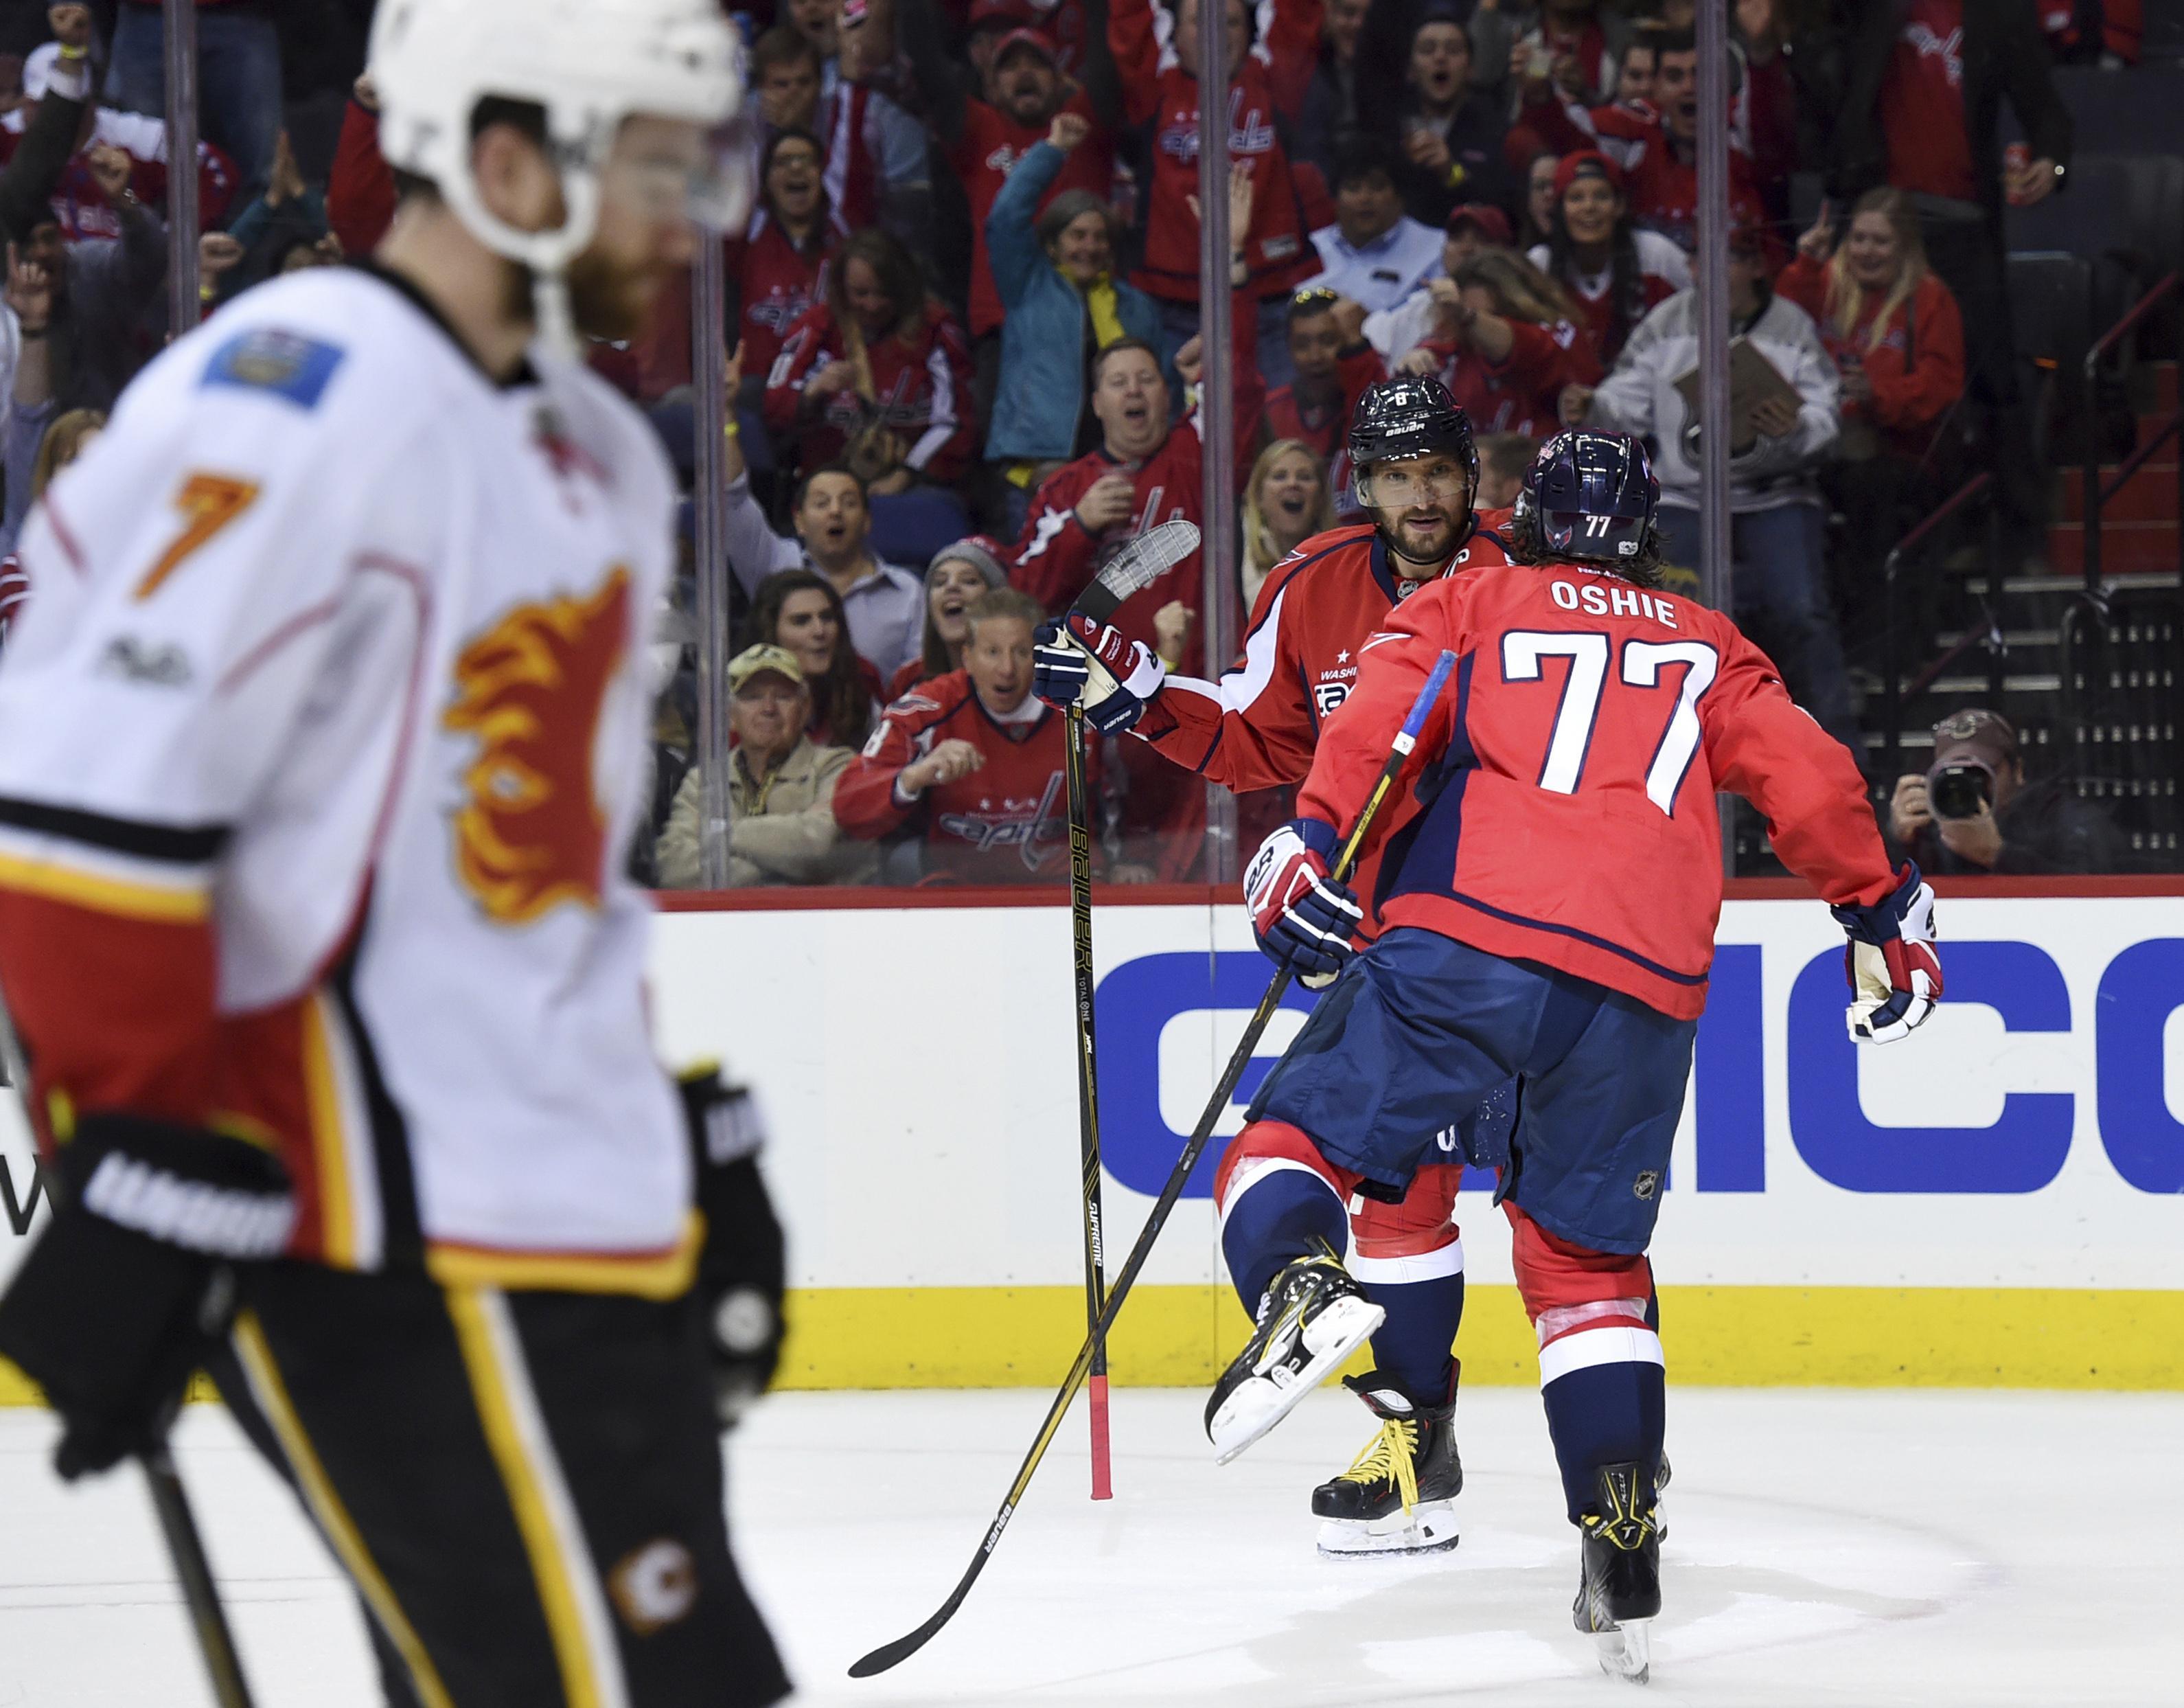 Flames_capitals_hockey_43331